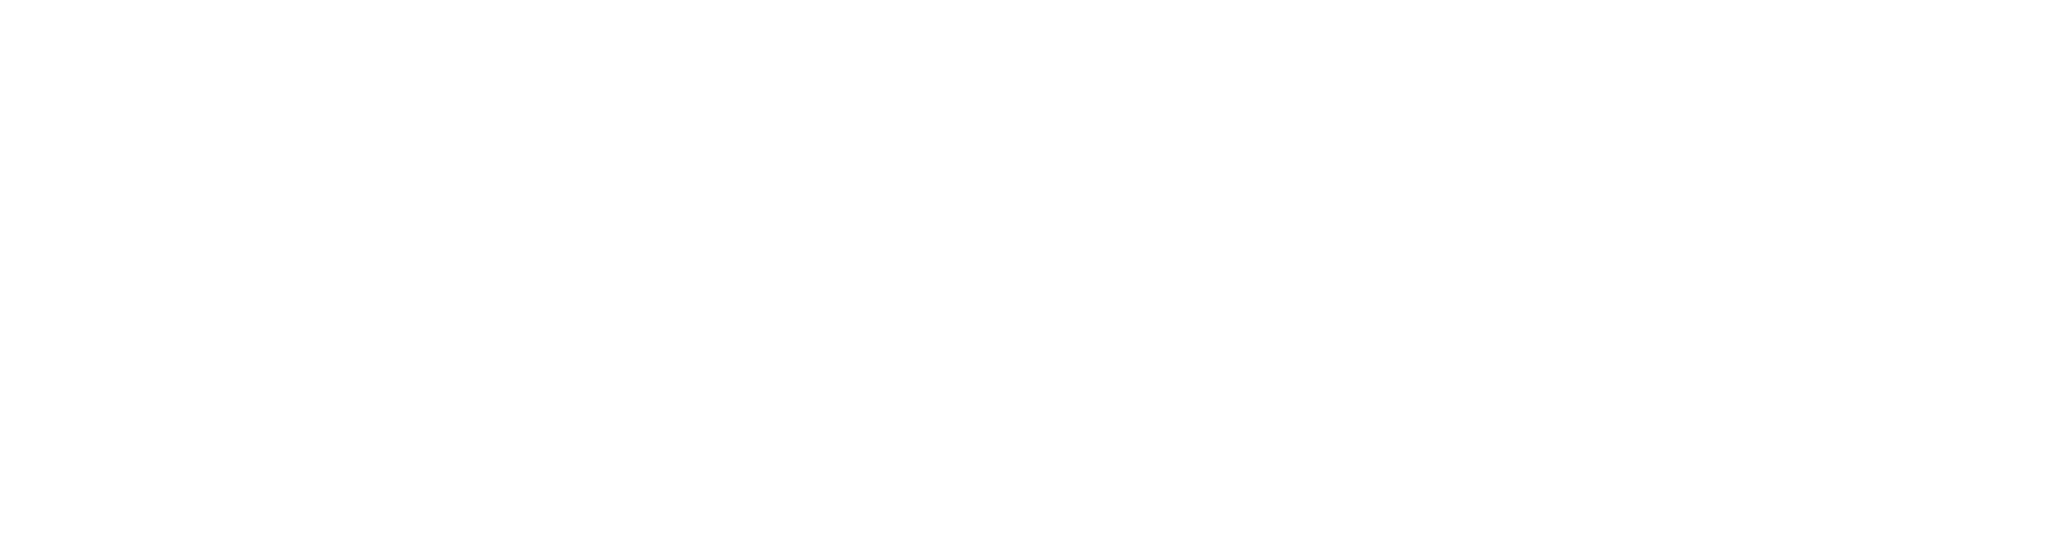 Dr. G Orthopedics